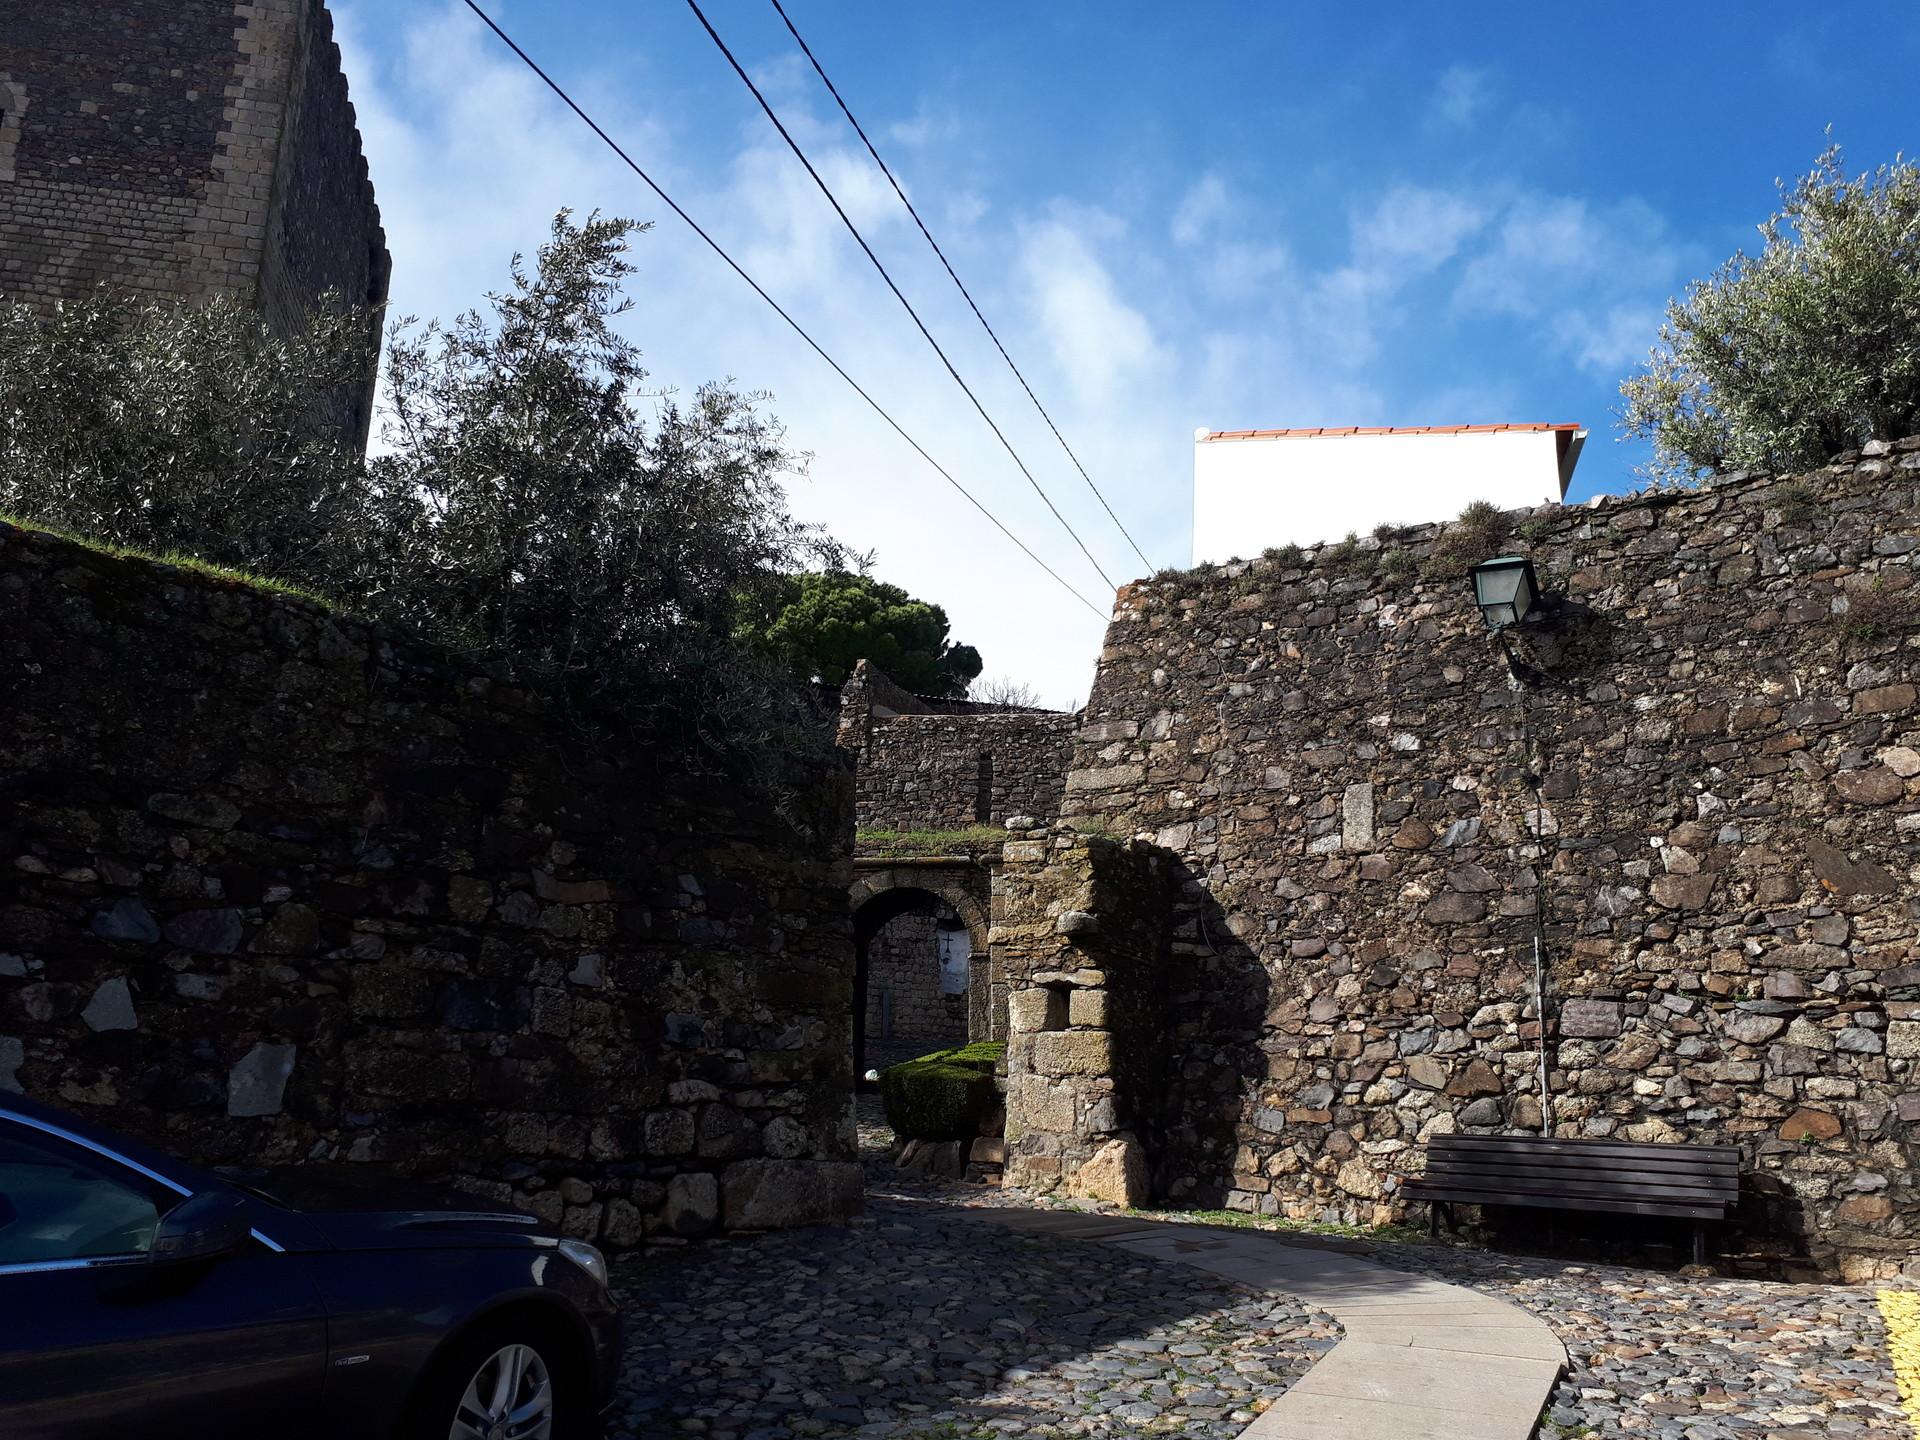 Casa tradicional brasonada, no interior das muralhas do castelo,